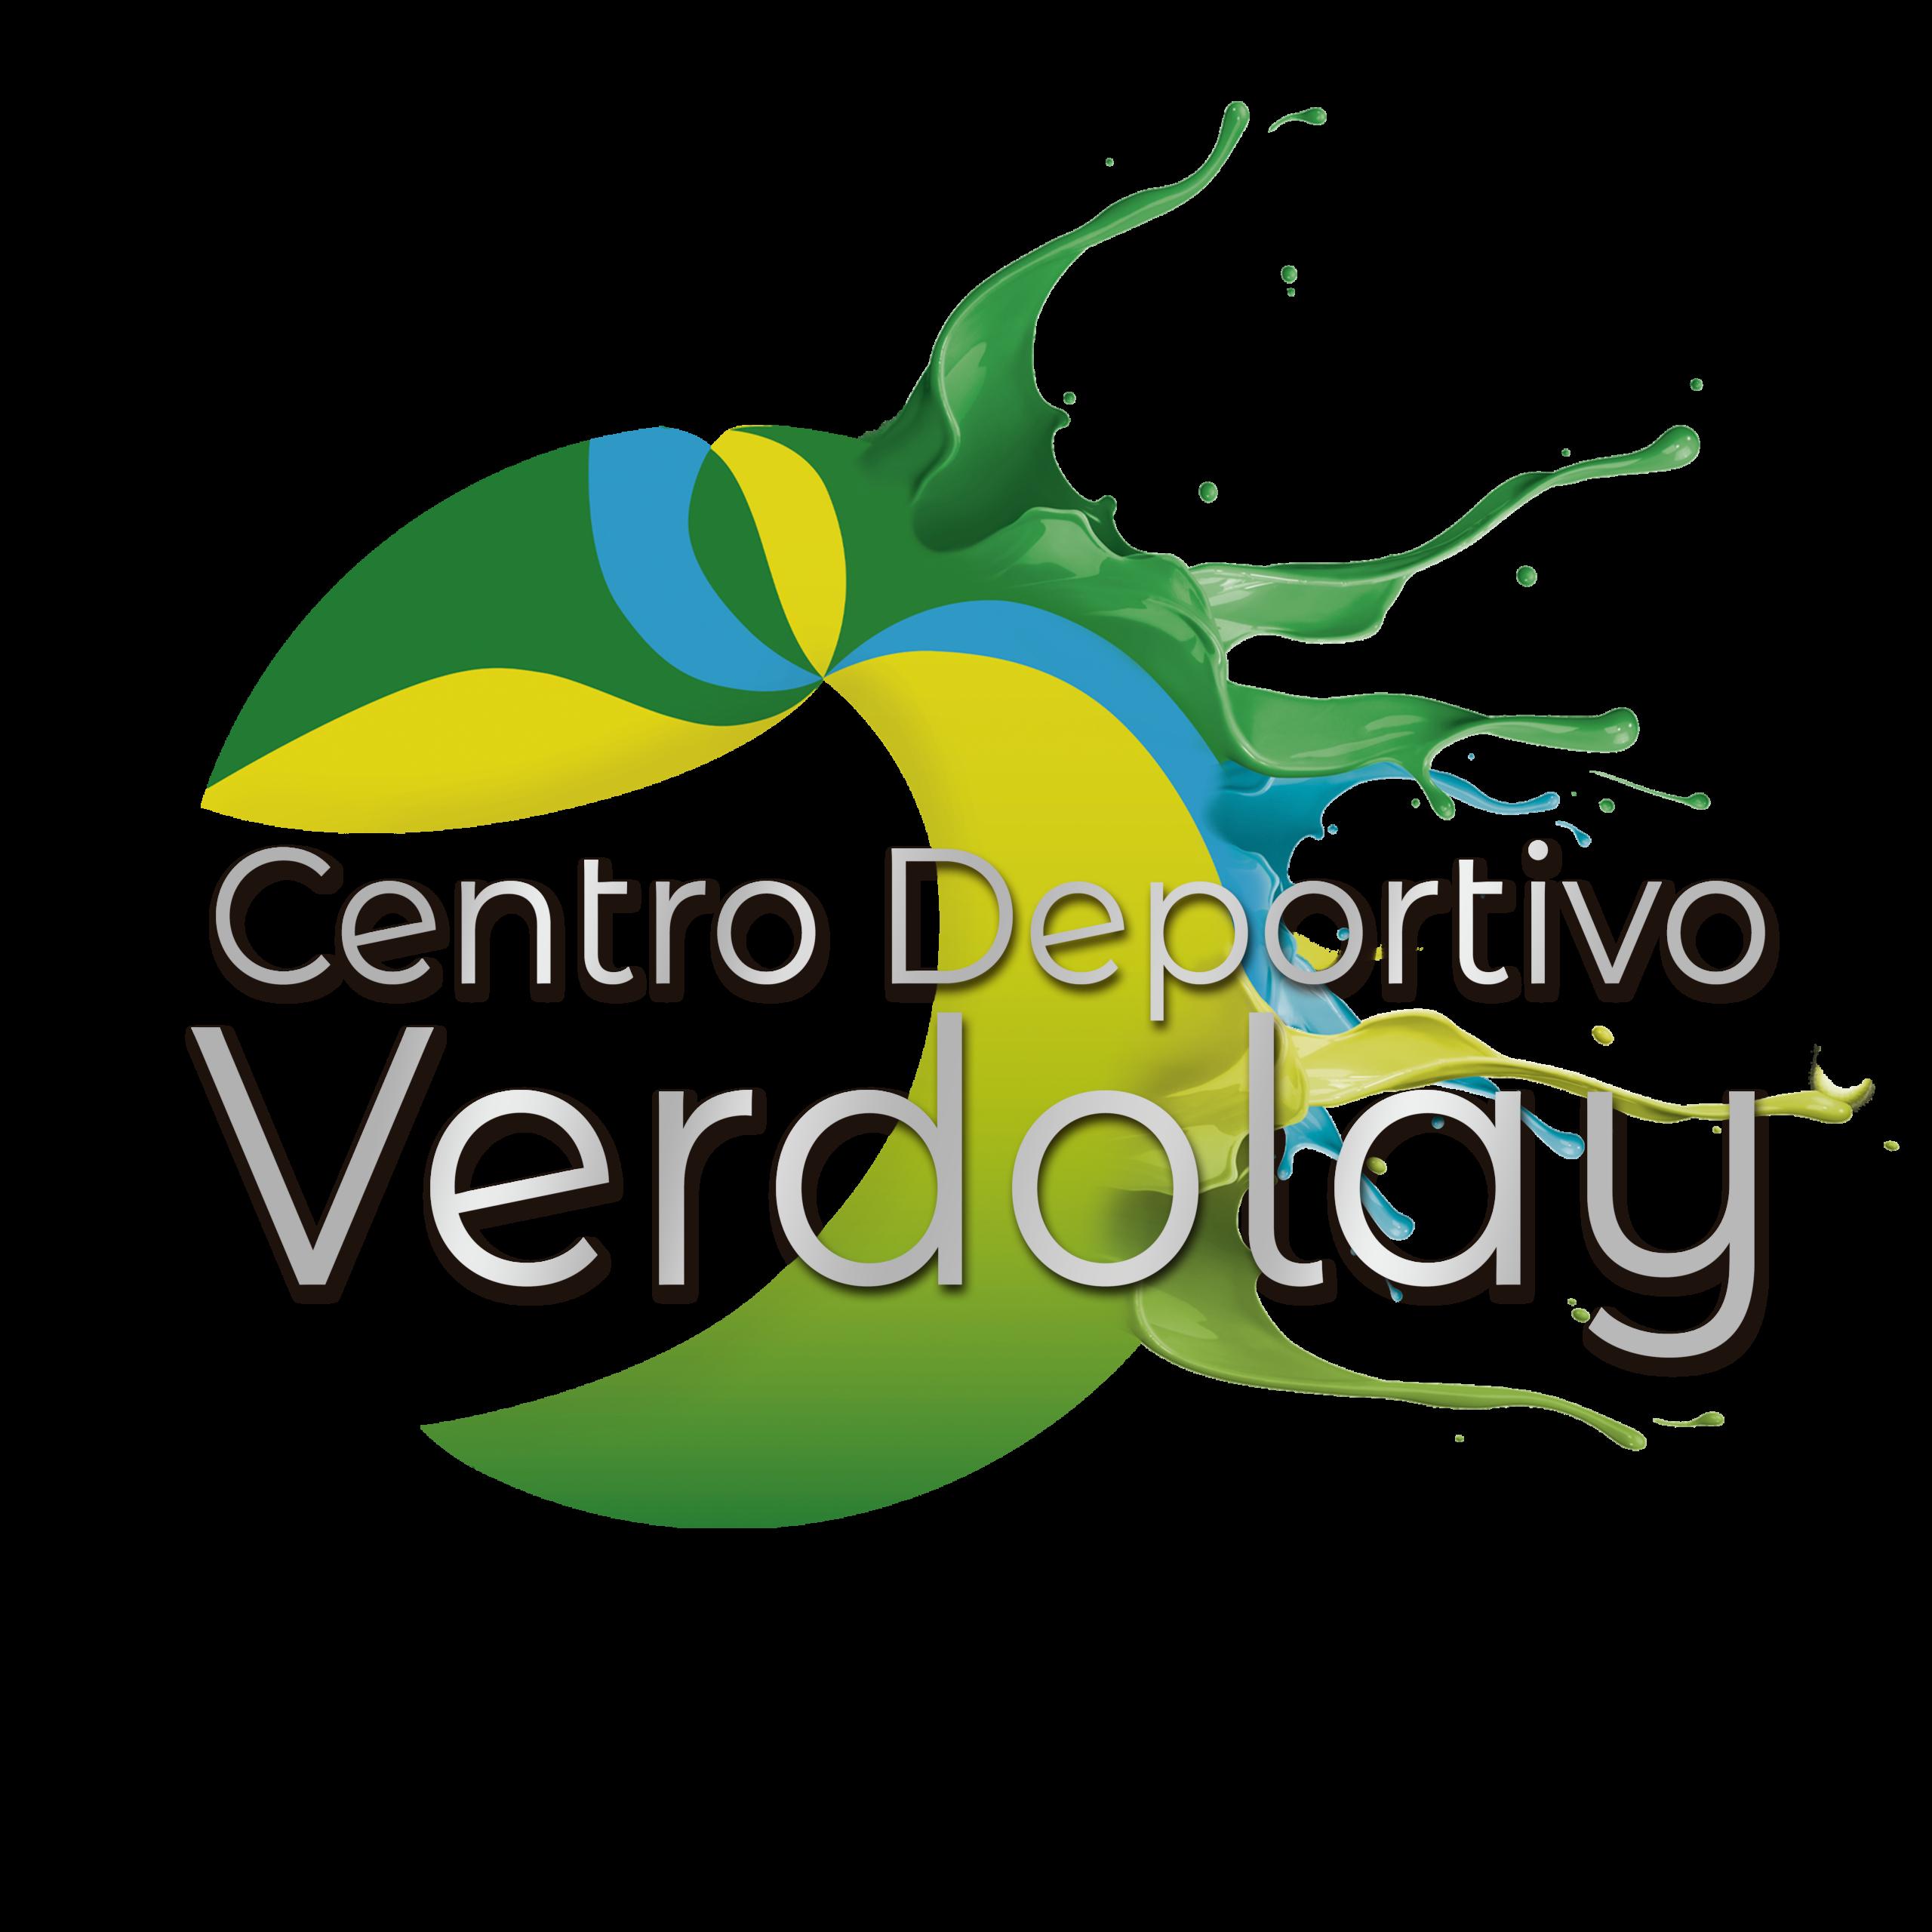 Centro Deportivo Verdolay